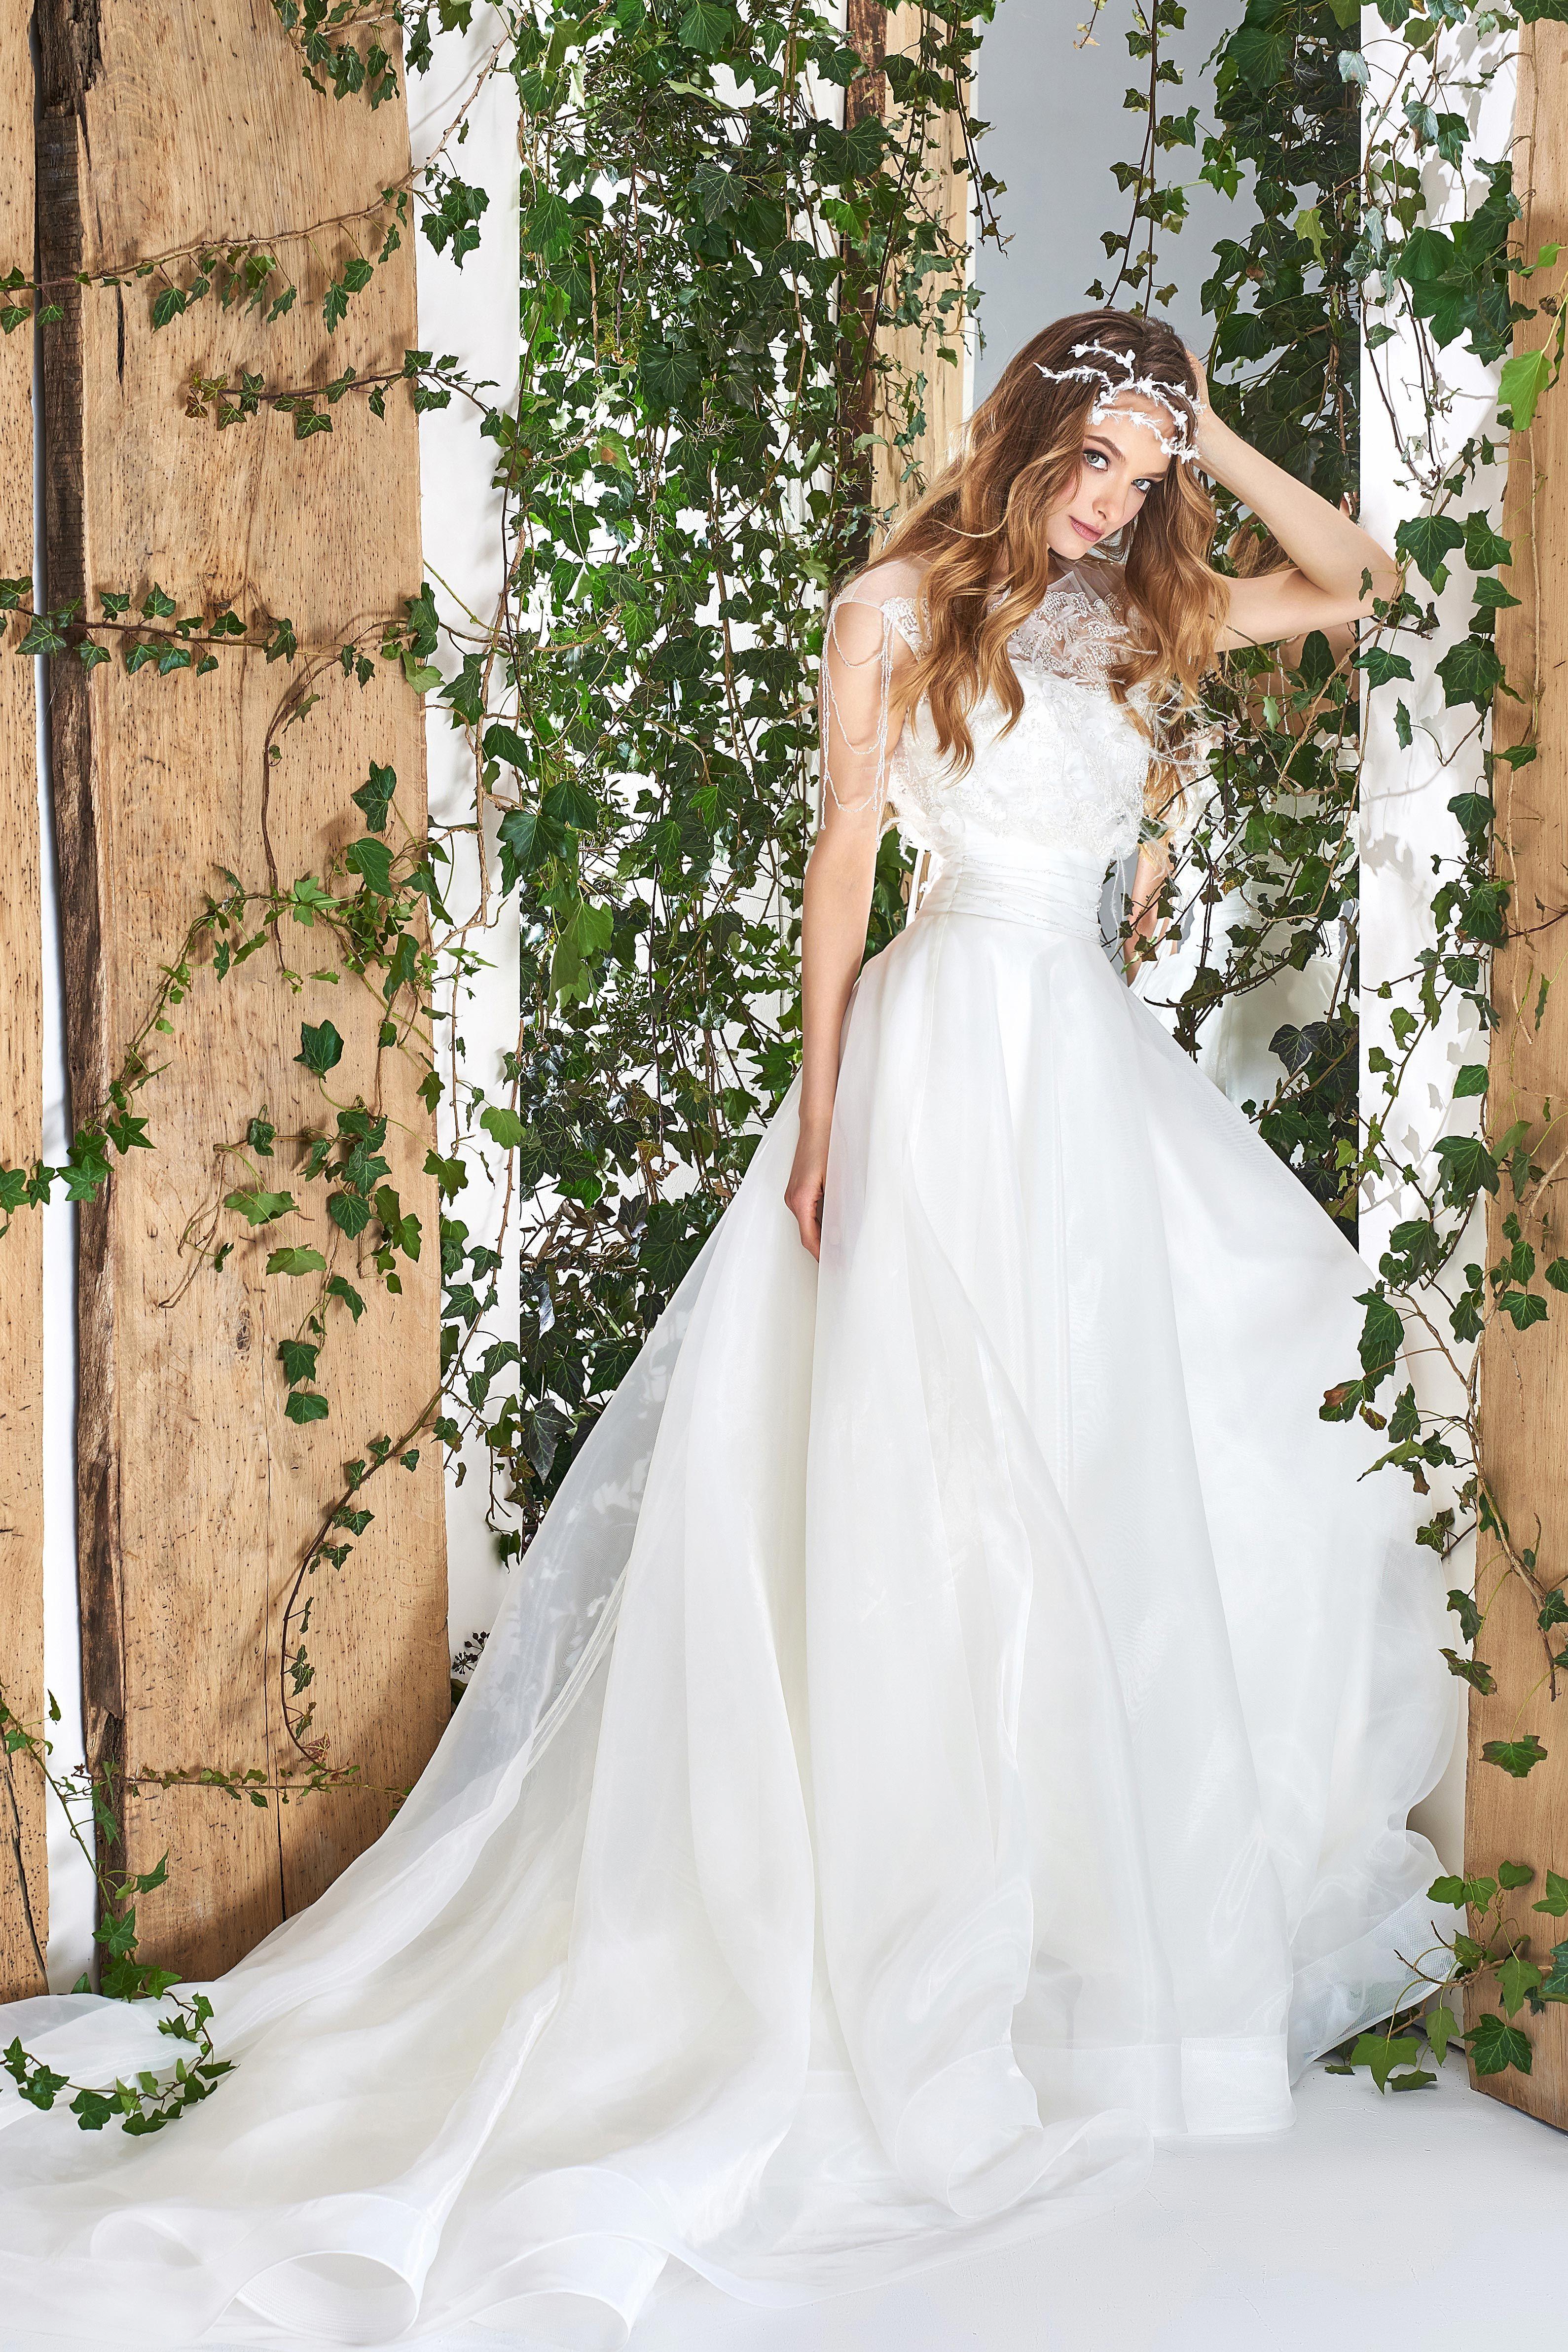 Wonderland European Wedding Dresses Collection Papilio Boutique European Wedding Dresses Wedding Dress Inspiration Wedding Dress Display [ 4769 x 3179 Pixel ]